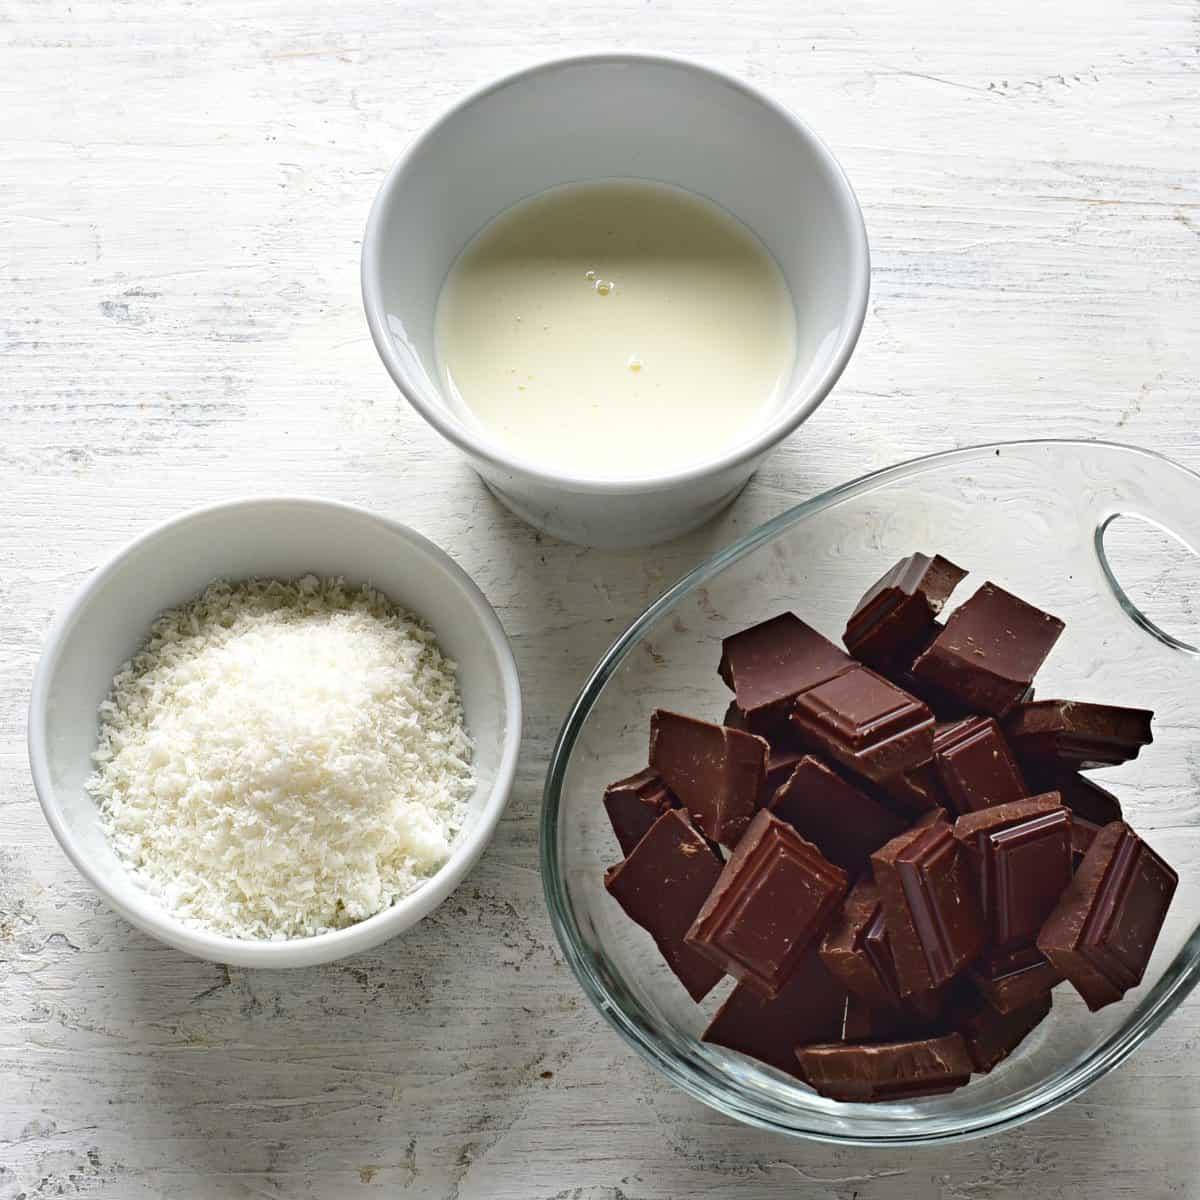 Schokoglasur Zutaten abgebildet - Zucker, schokolade und Schlagsahne.